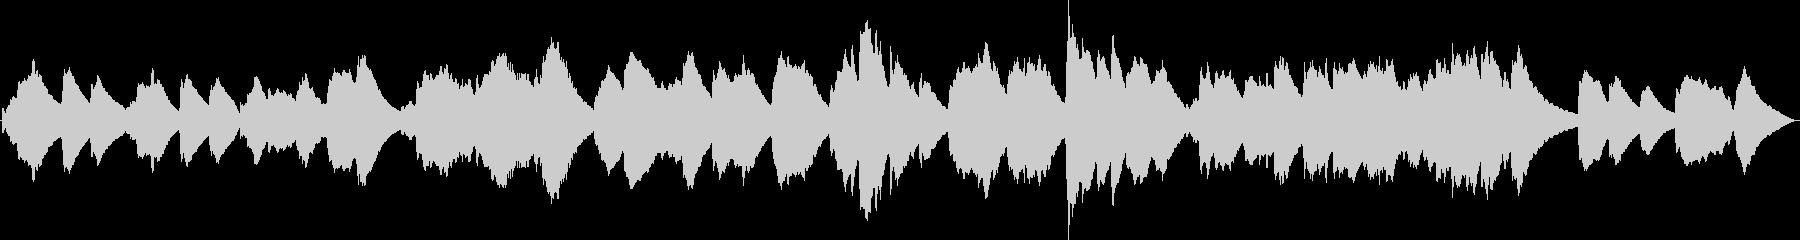 眠れない夜にソルフェジオ癒しのチェレスタの未再生の波形